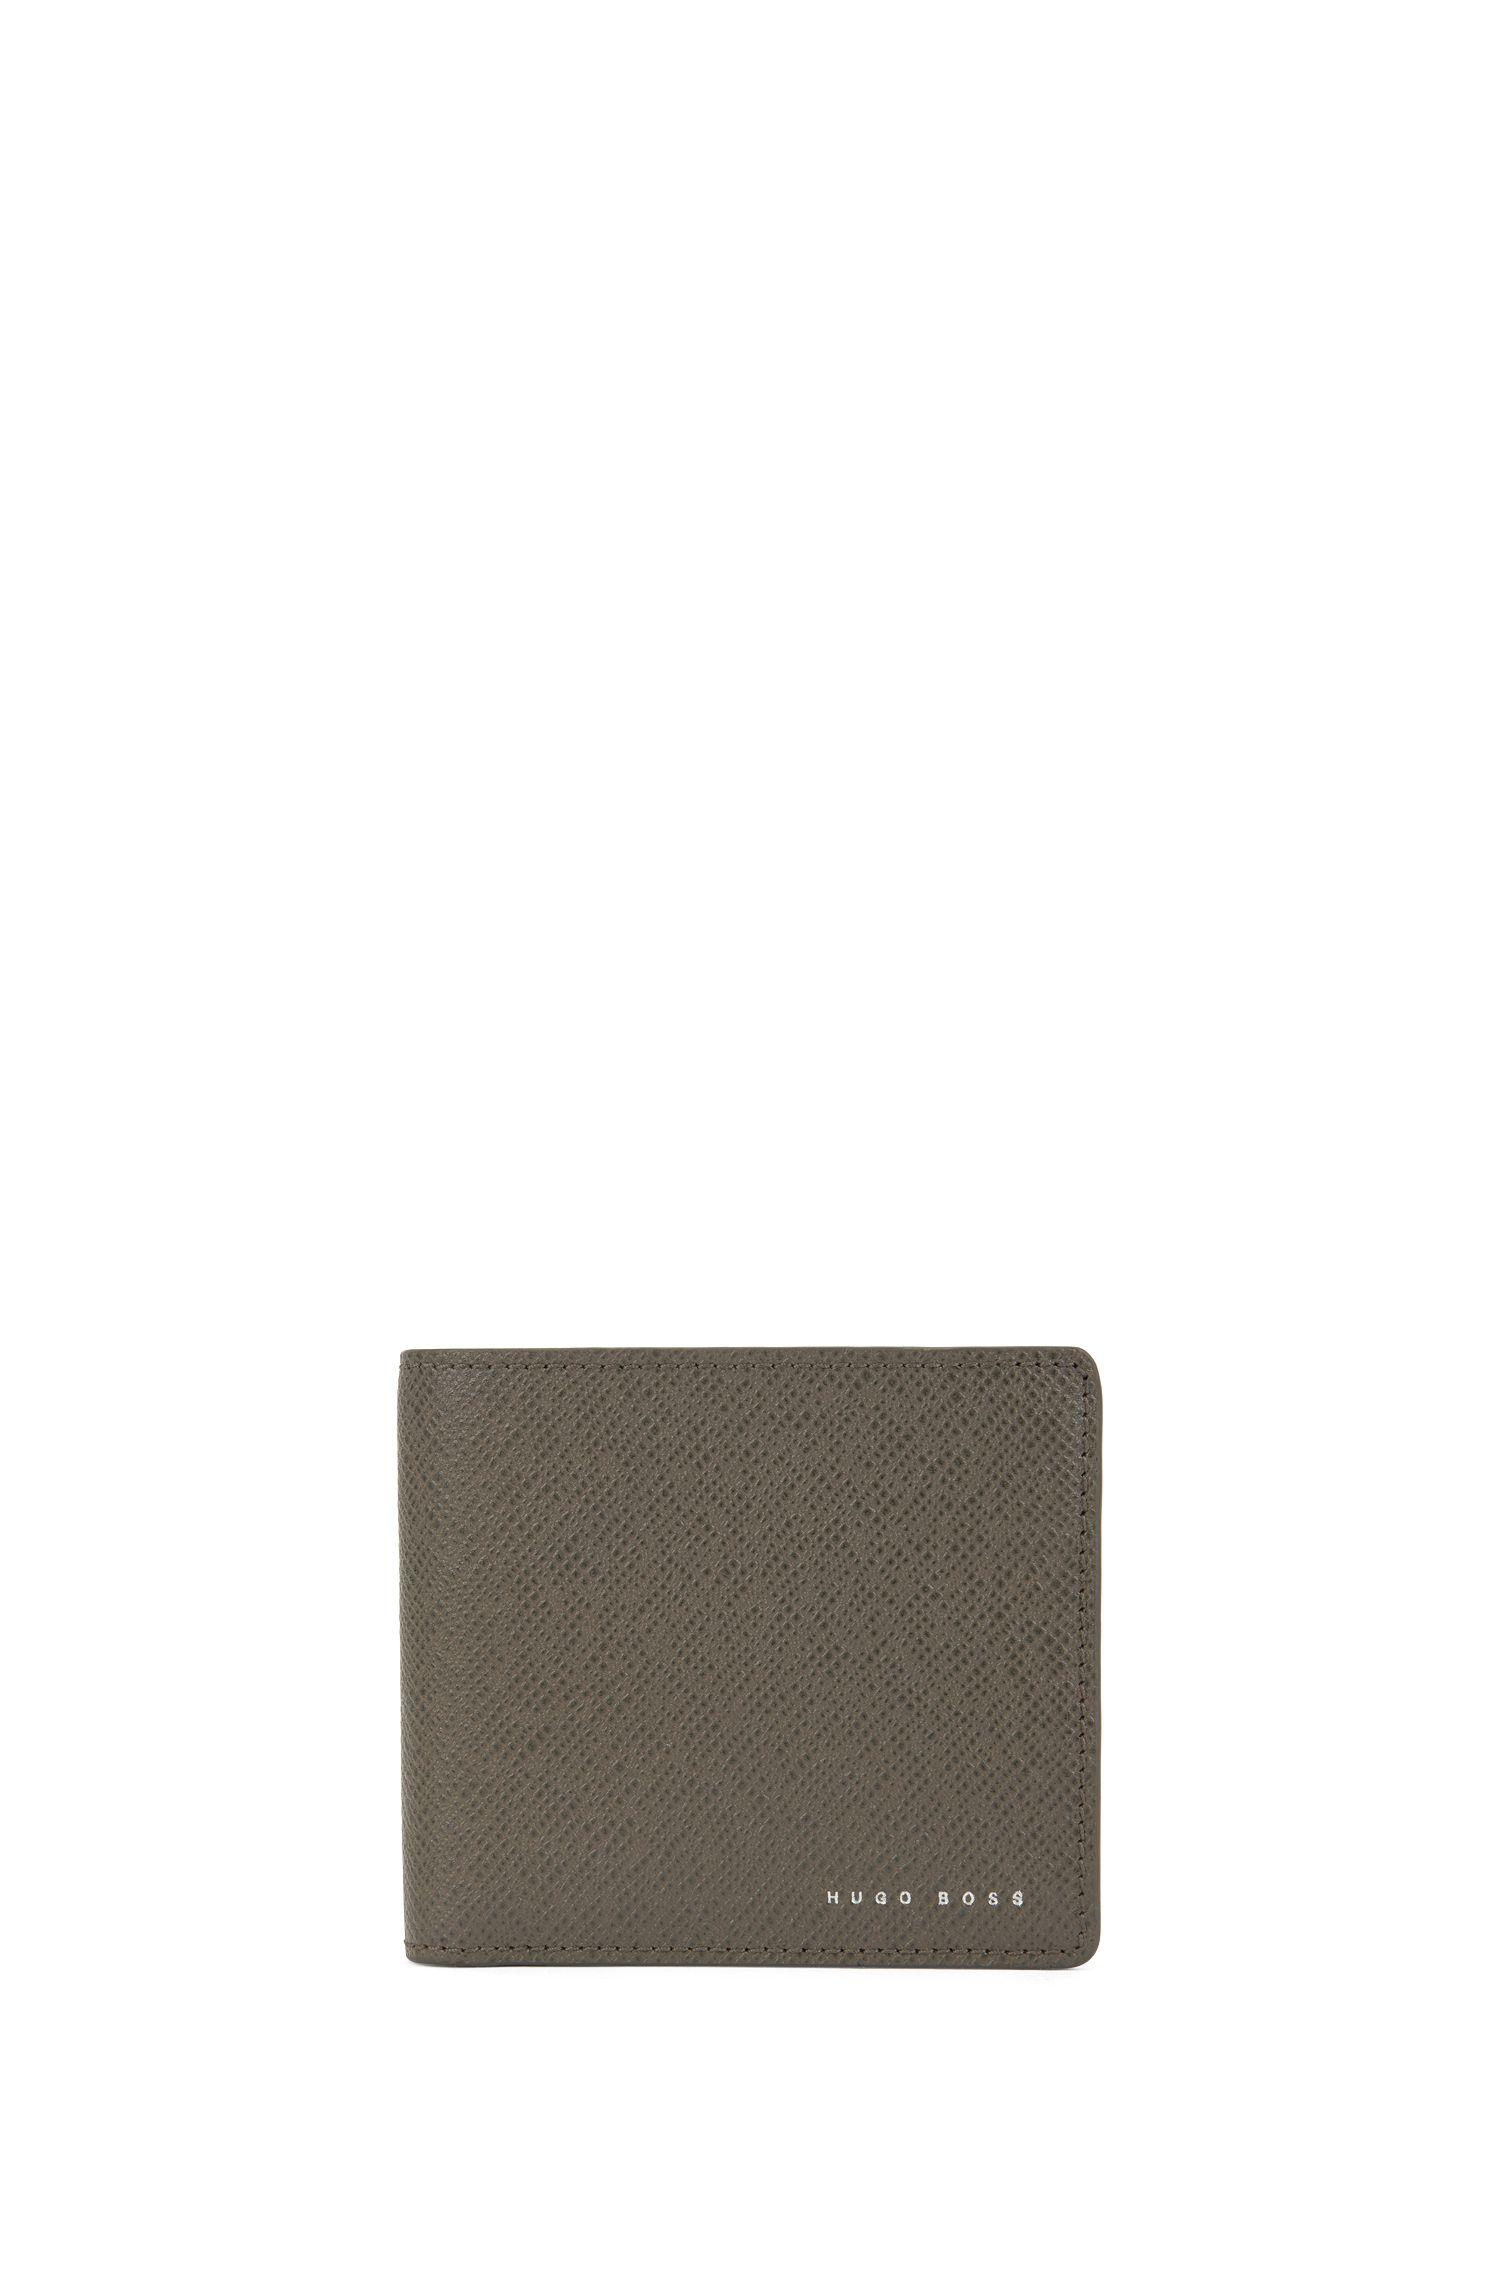 Klapp-Geldbörse aus Palmellato-Leder aus der Signature Collection